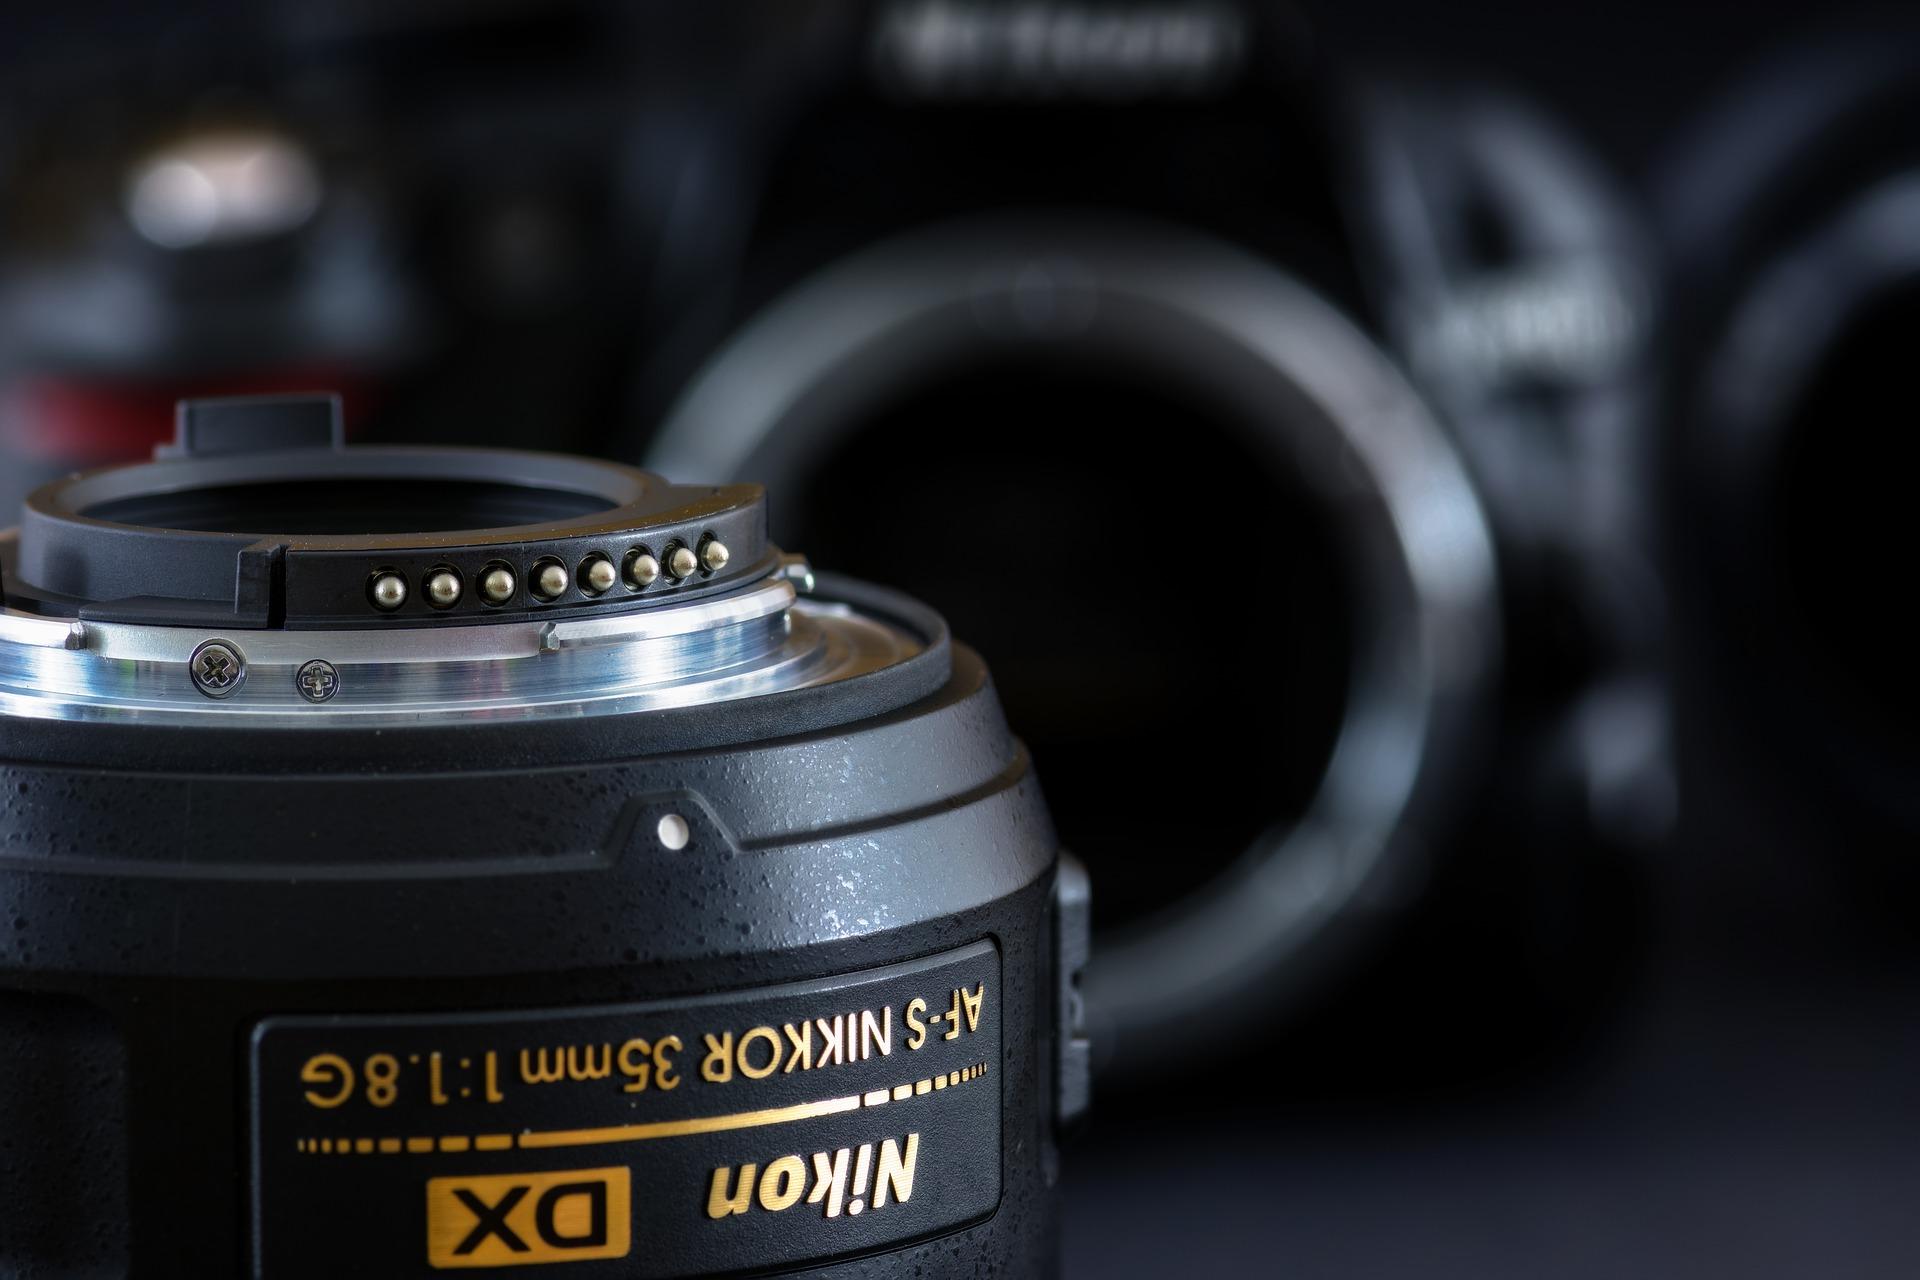 Imagem mostra uma lente em destaque e uma câmera Nikon ao fundo.